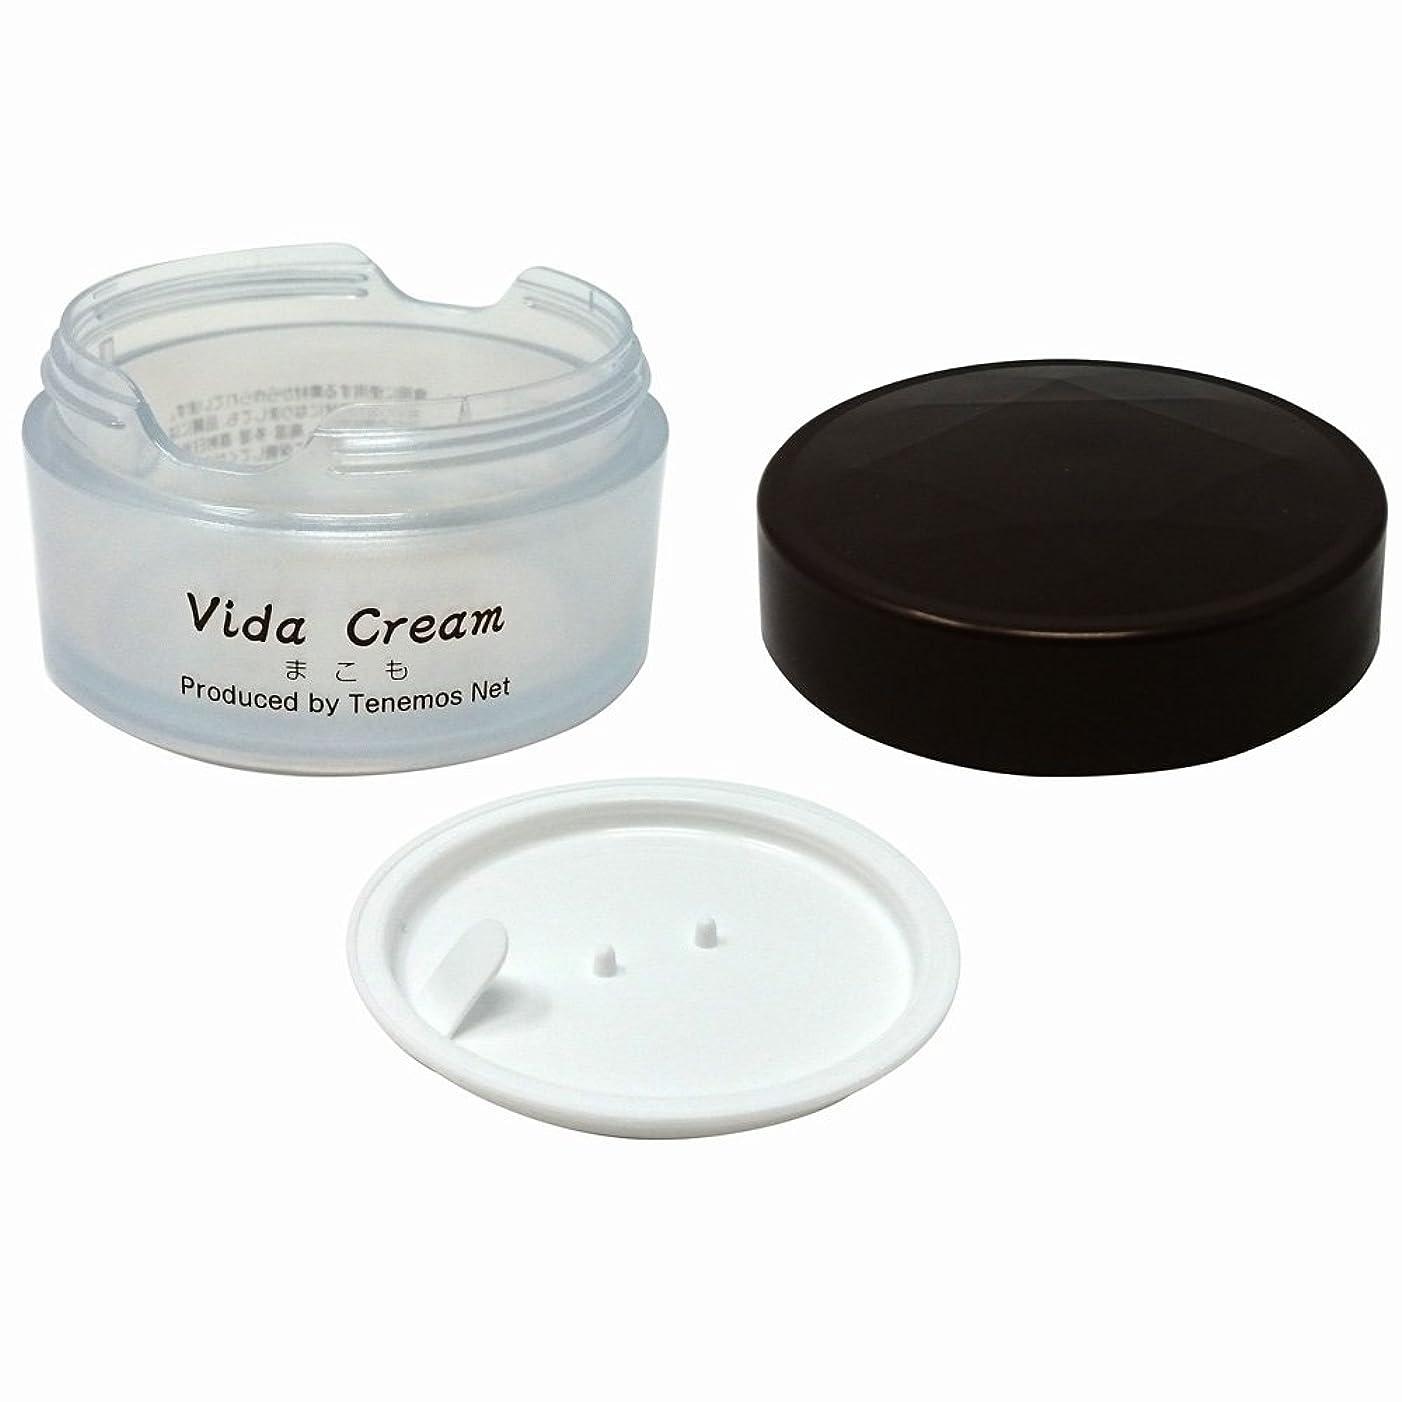 協力説明的ルーキーテネモス ビダクリーム Vida Cream 専用ケース(あずき色)